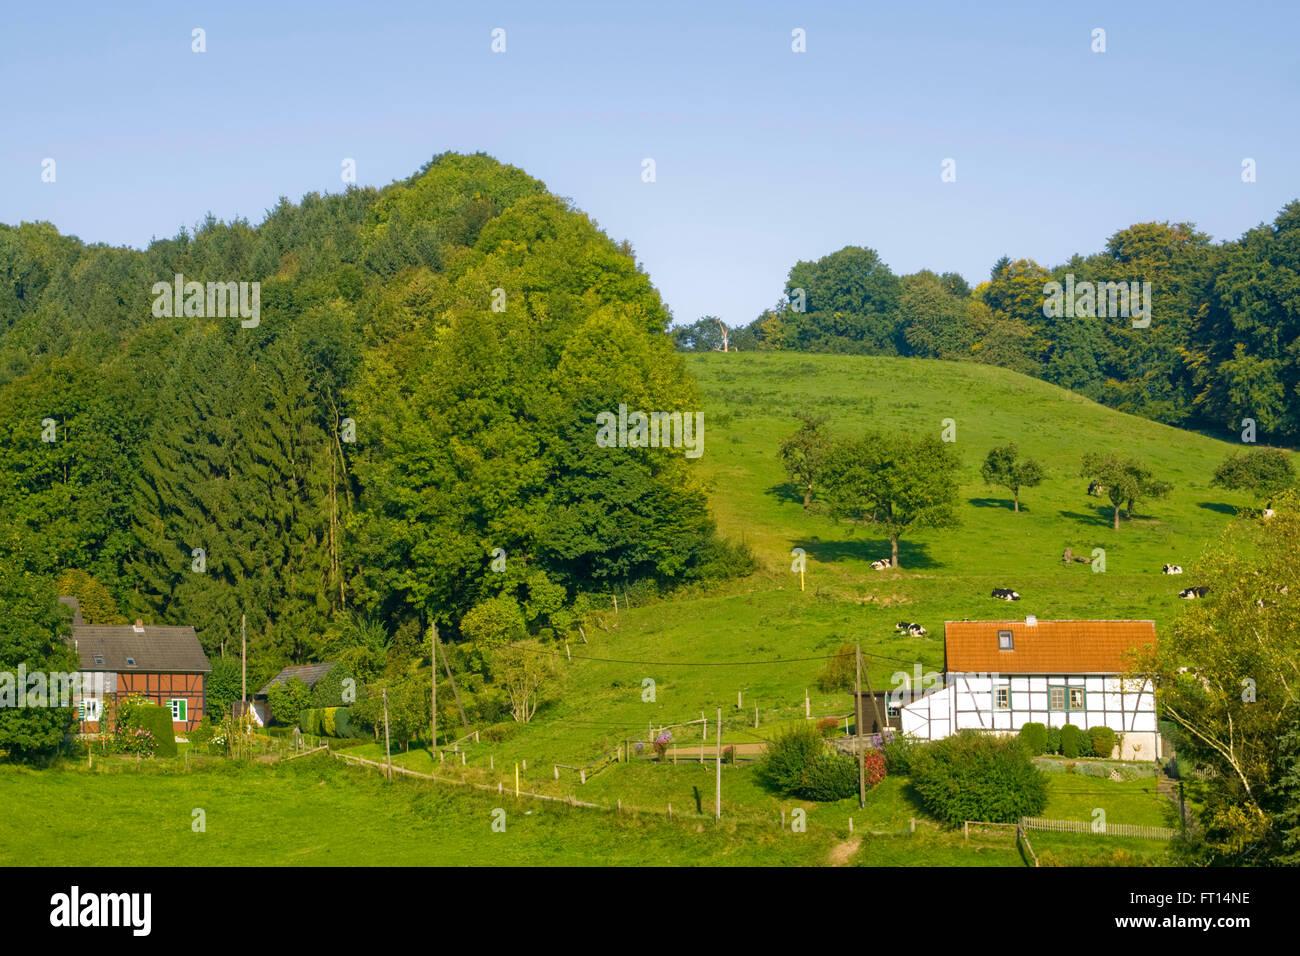 Brd nordrhein westfalen rheinisch bergischer kreis stock photo 100829274 alamy - Mobel bergisch gladbach ...